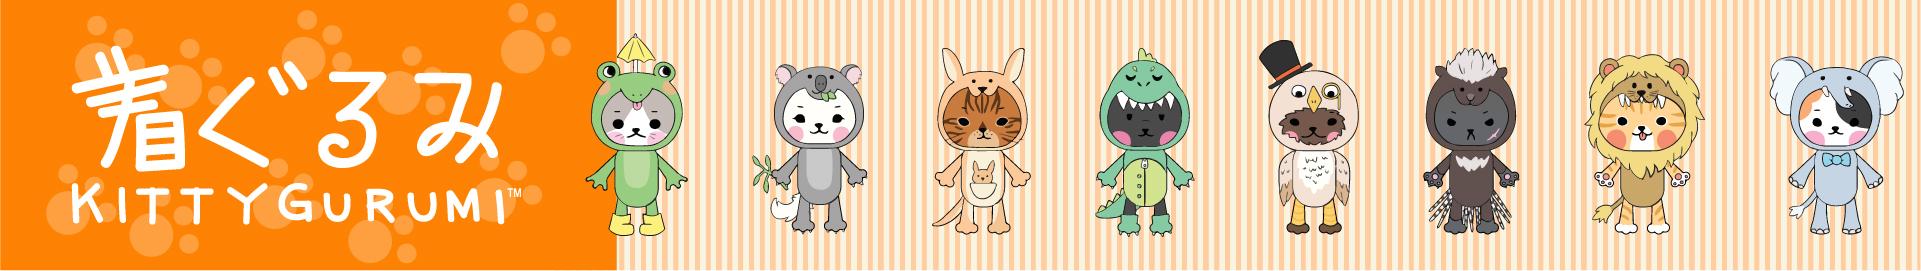 Kittygurumi Logo